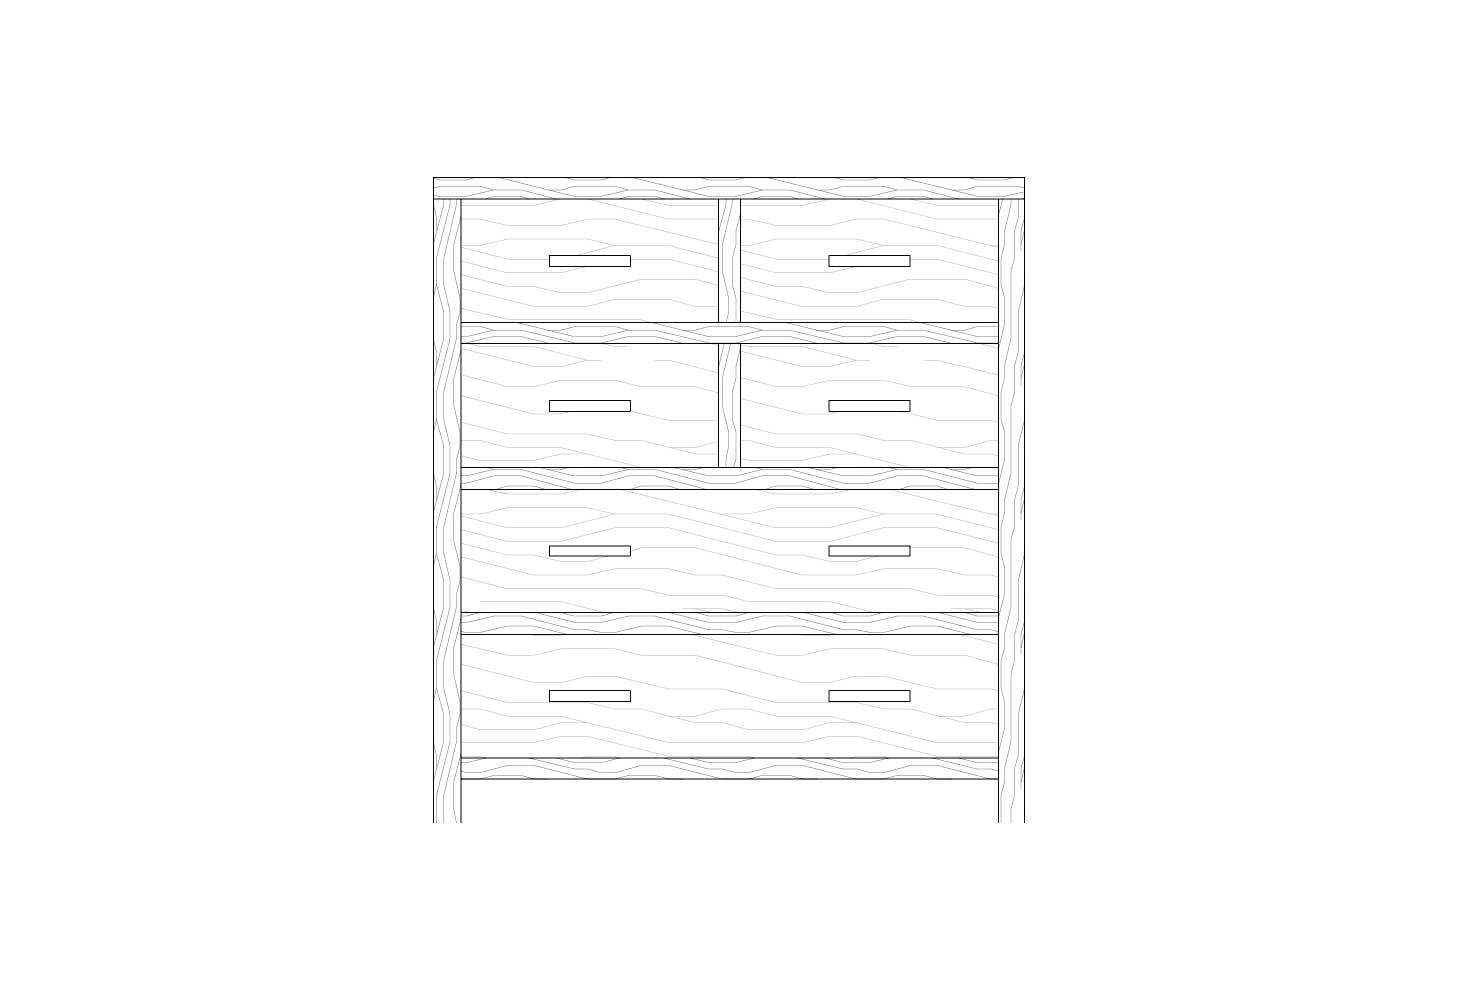 cassettiera-110-6-disegno